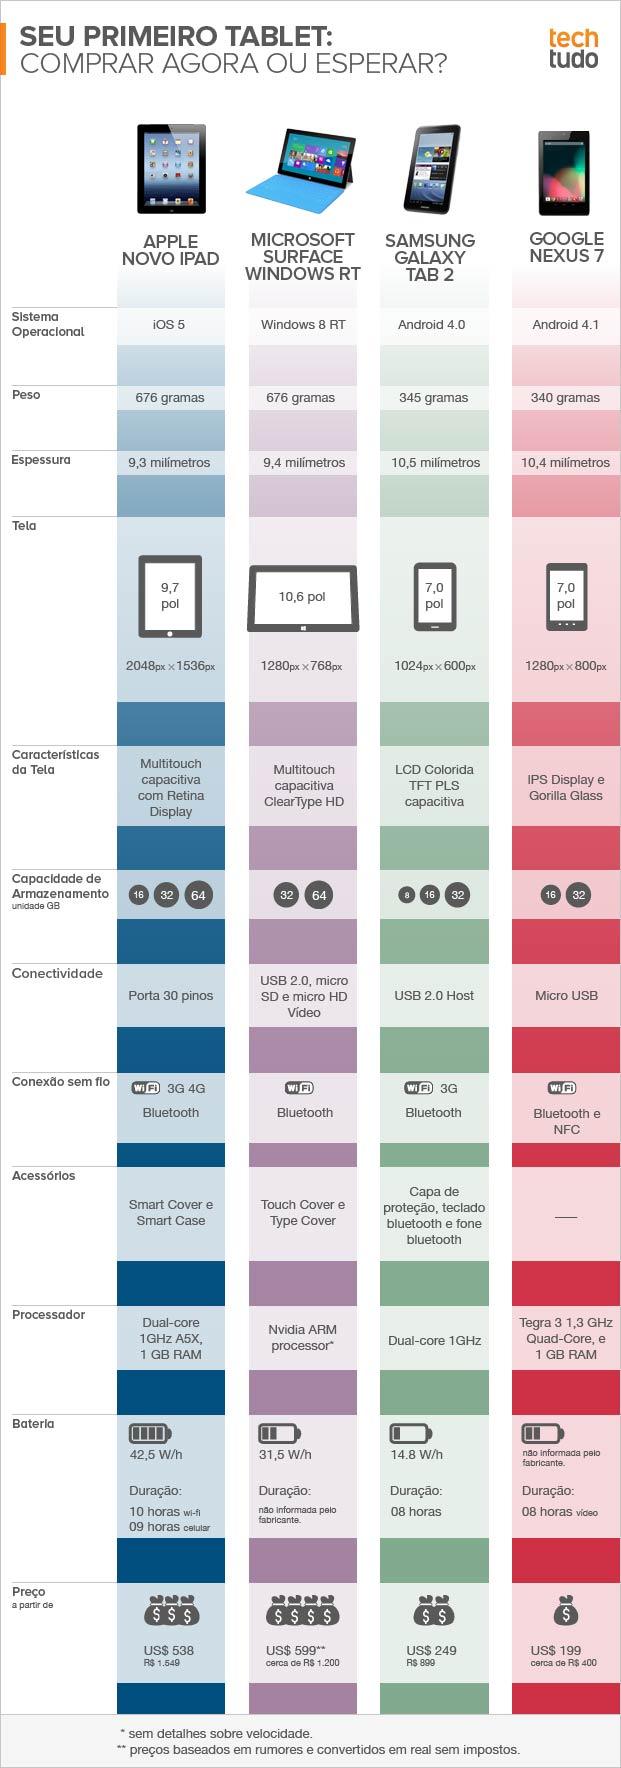 Entenda a diferença entre os tablets mais cotados pelos brasileiros (Foto: TechTudo)